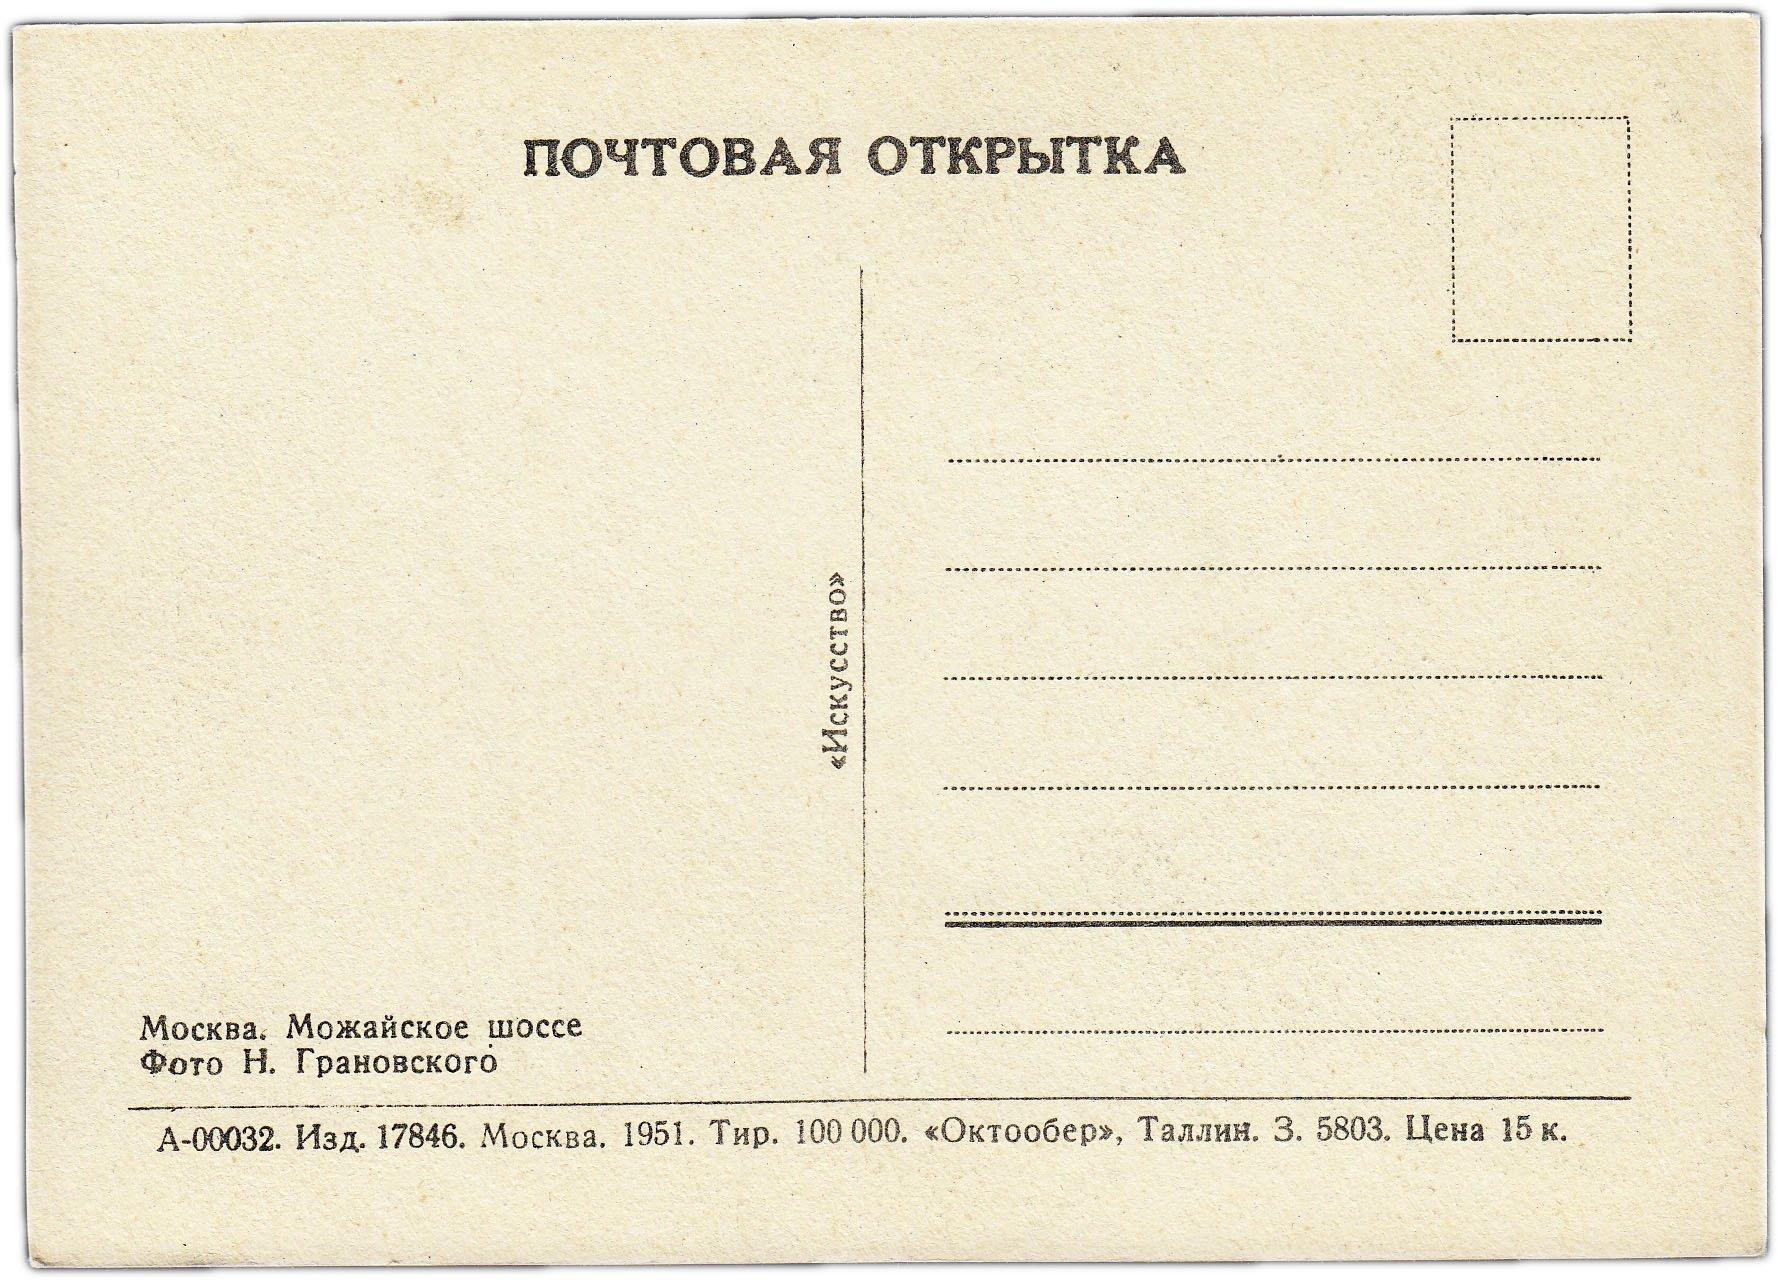 наших ошибка на почтовой открытке роналду, без преувеличения